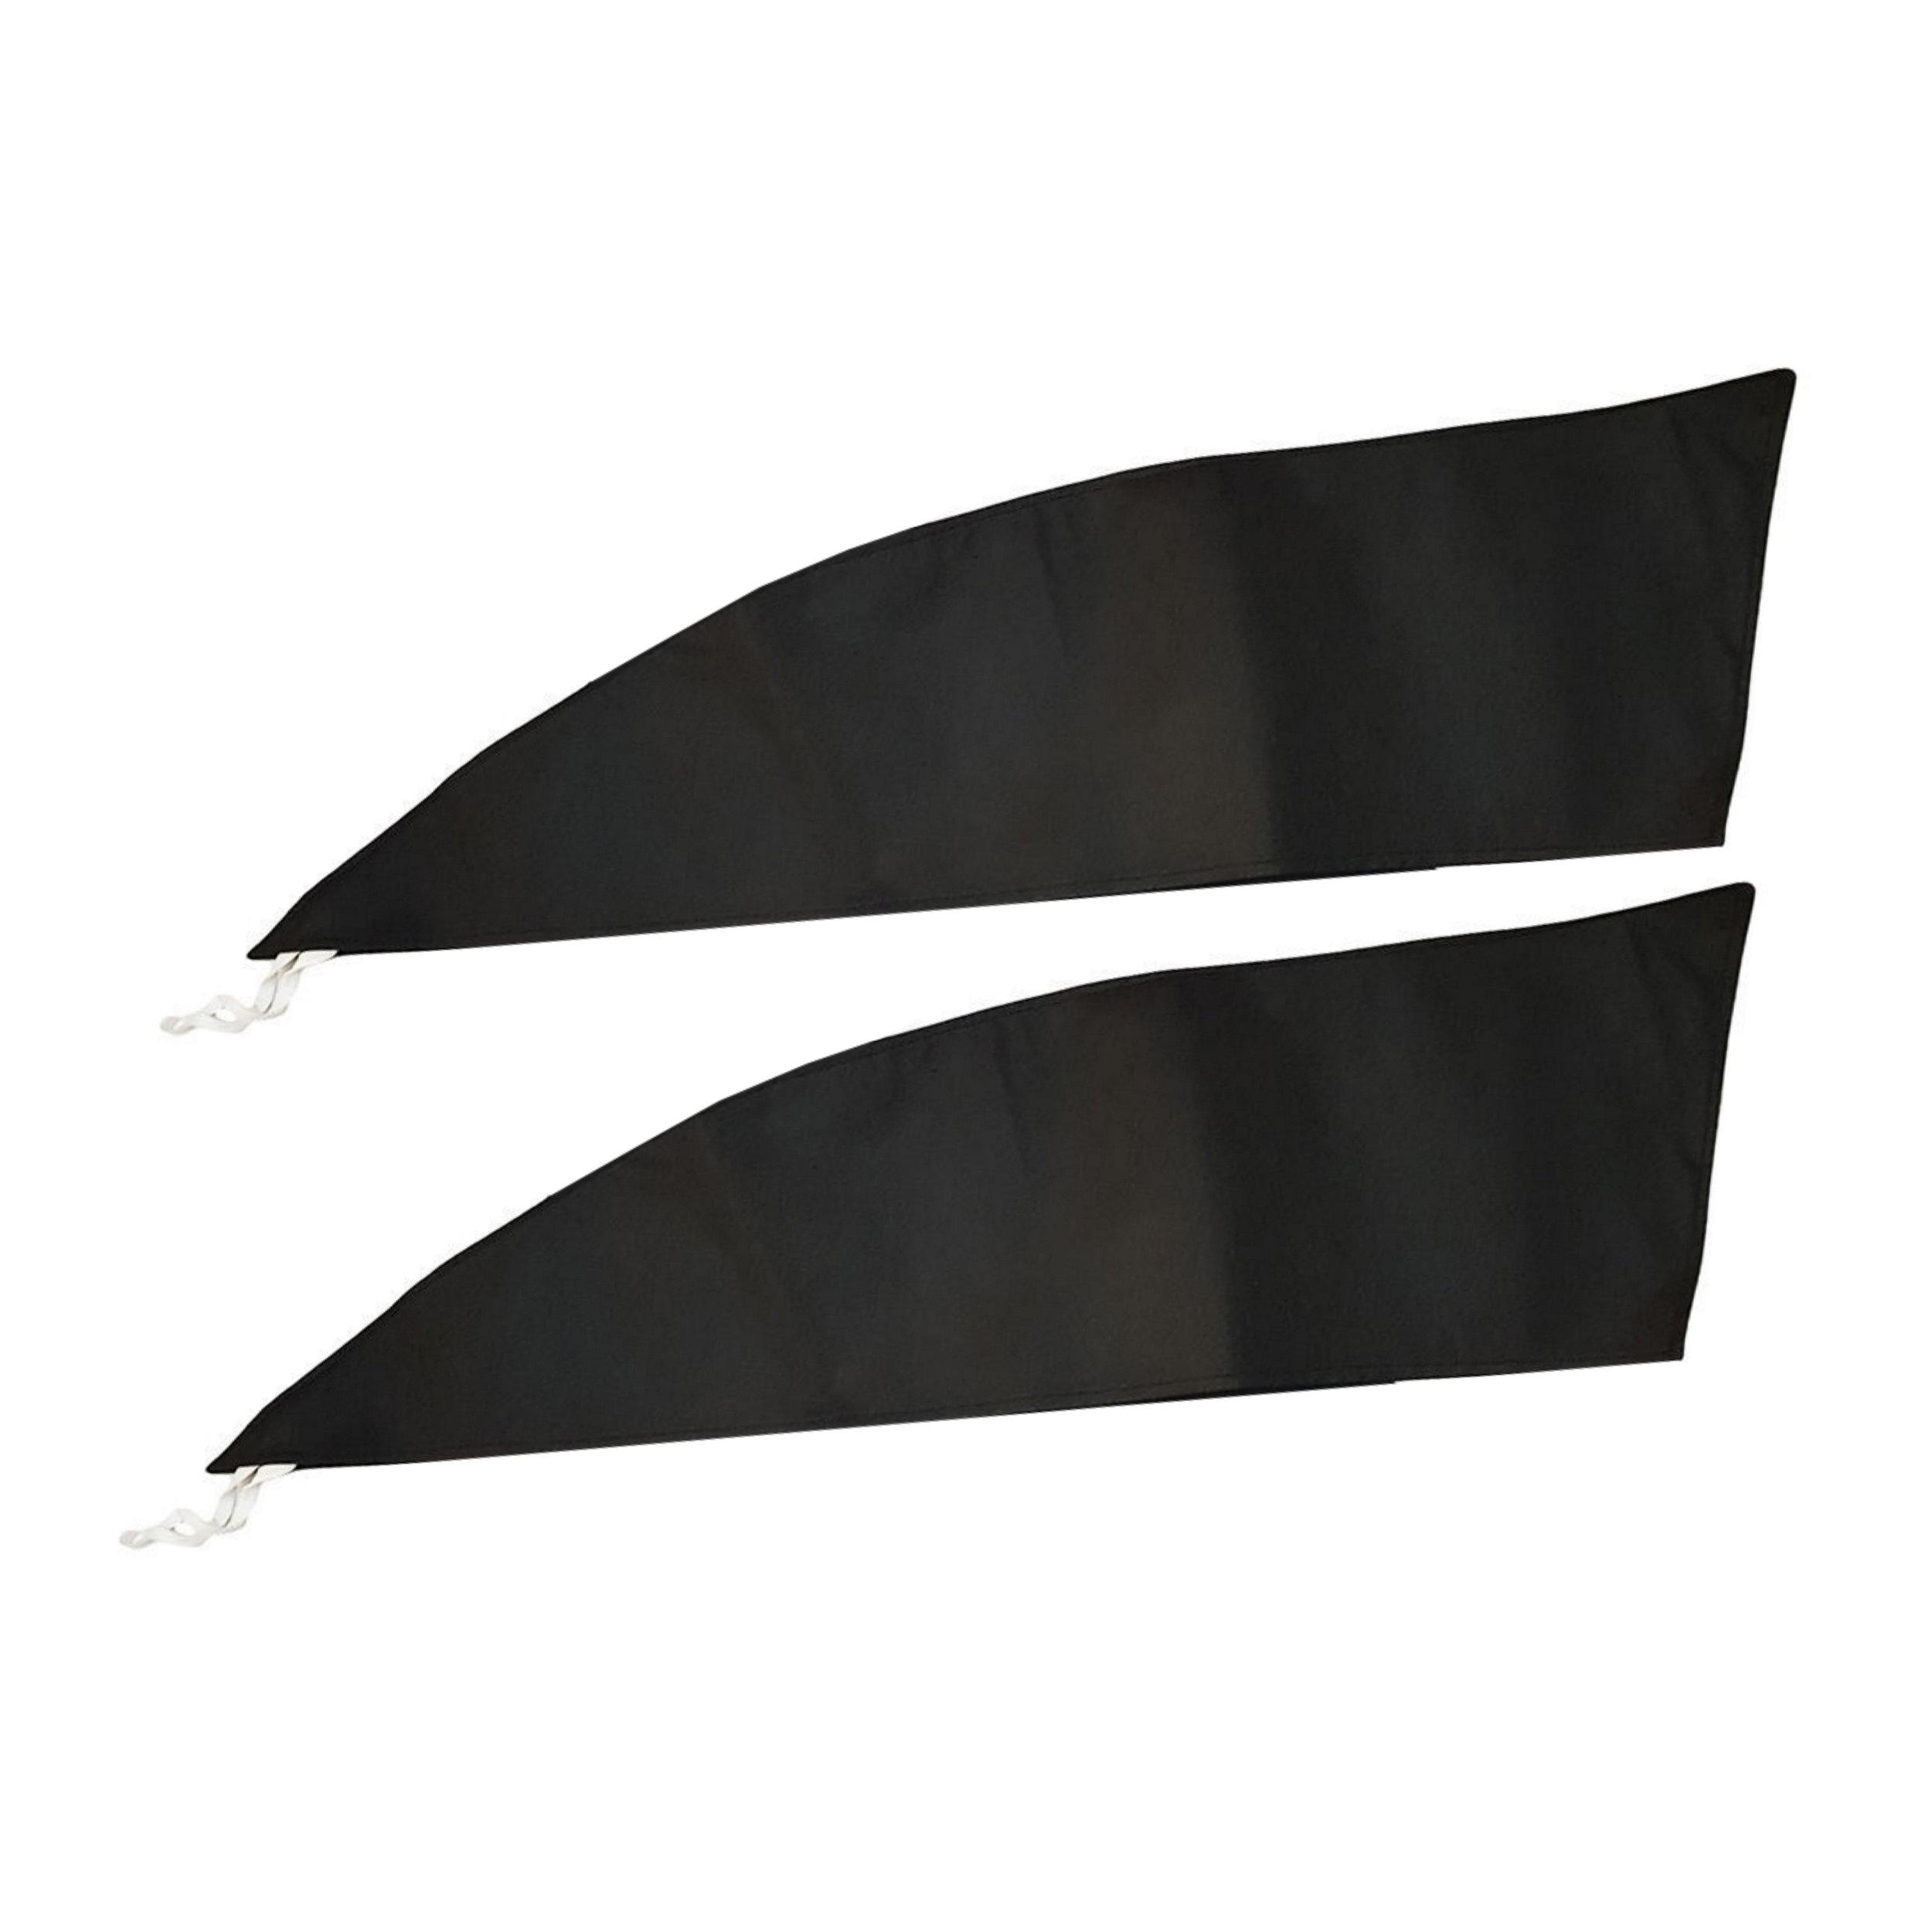 آفتاب گیر شیشه خودرو مدل PZ01 مناسب برای سراتو بسته 2 عددی